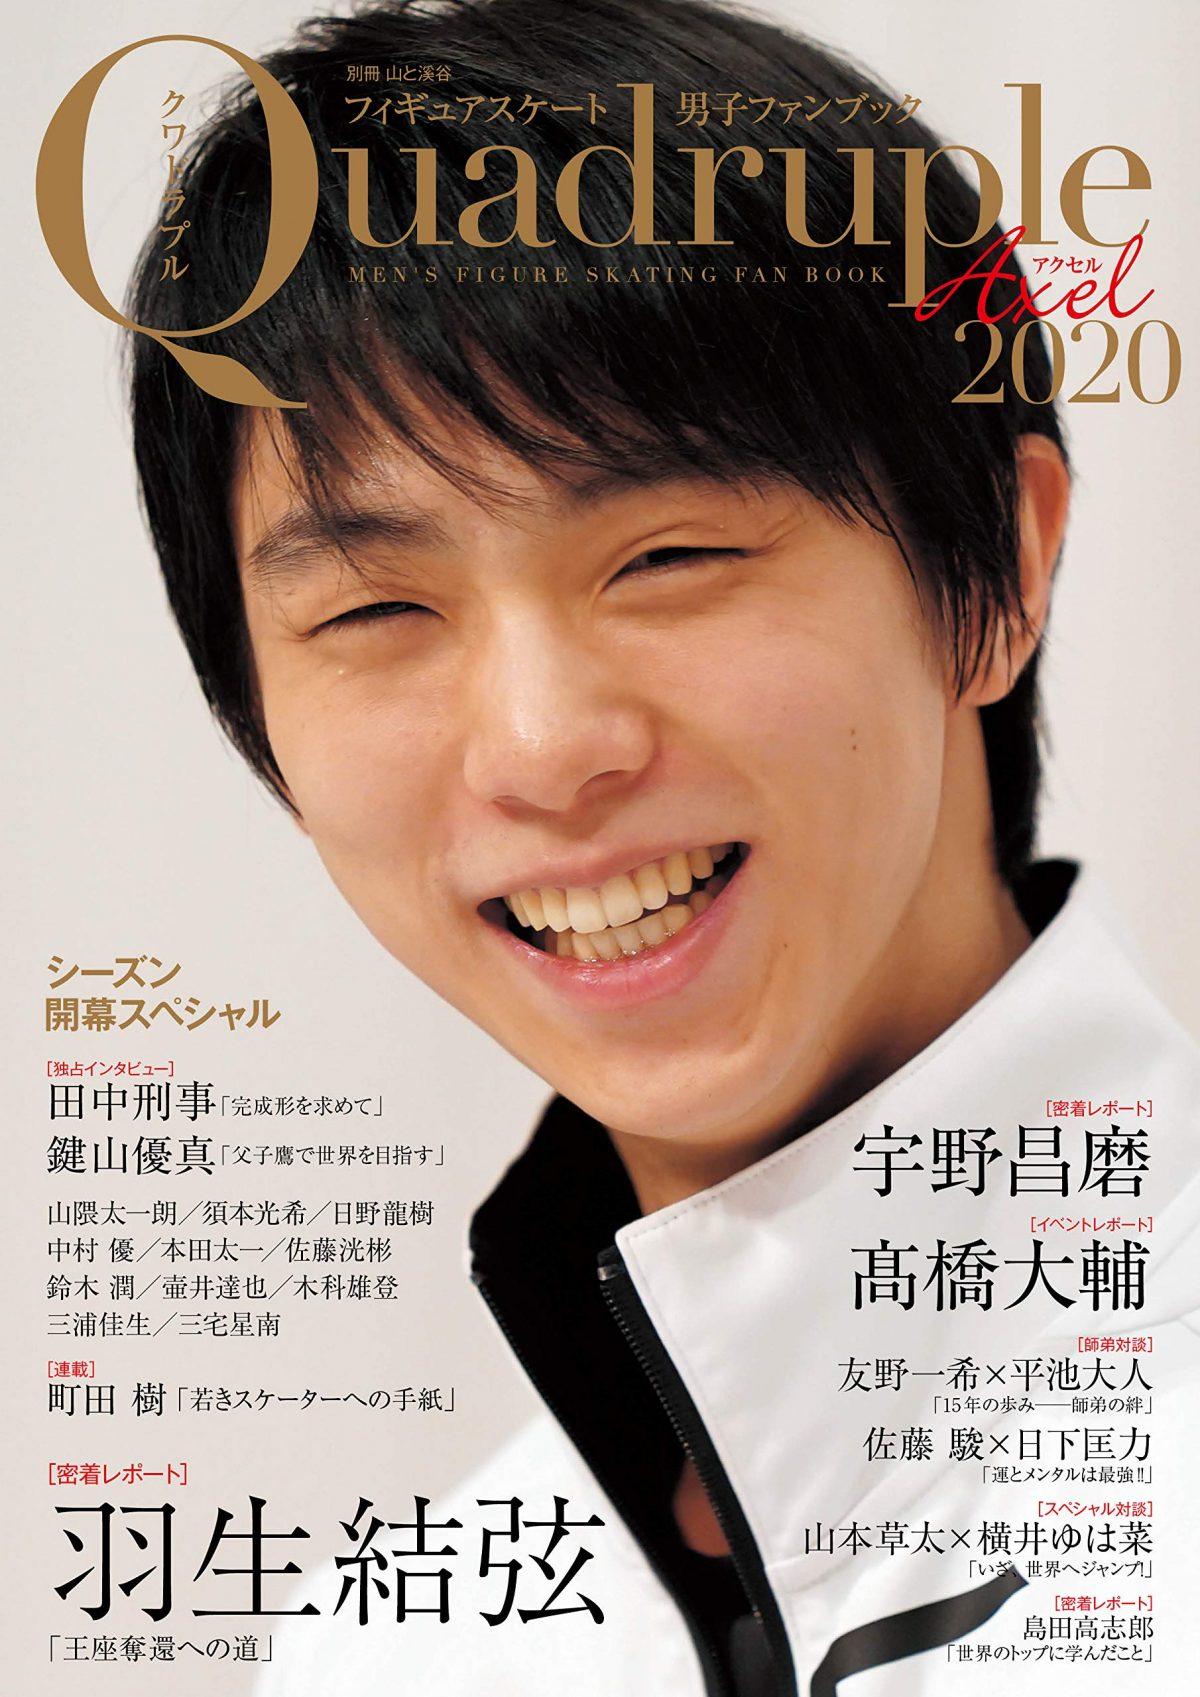 GPF2019 Elenco magazine e libri in uscita in questi giorni